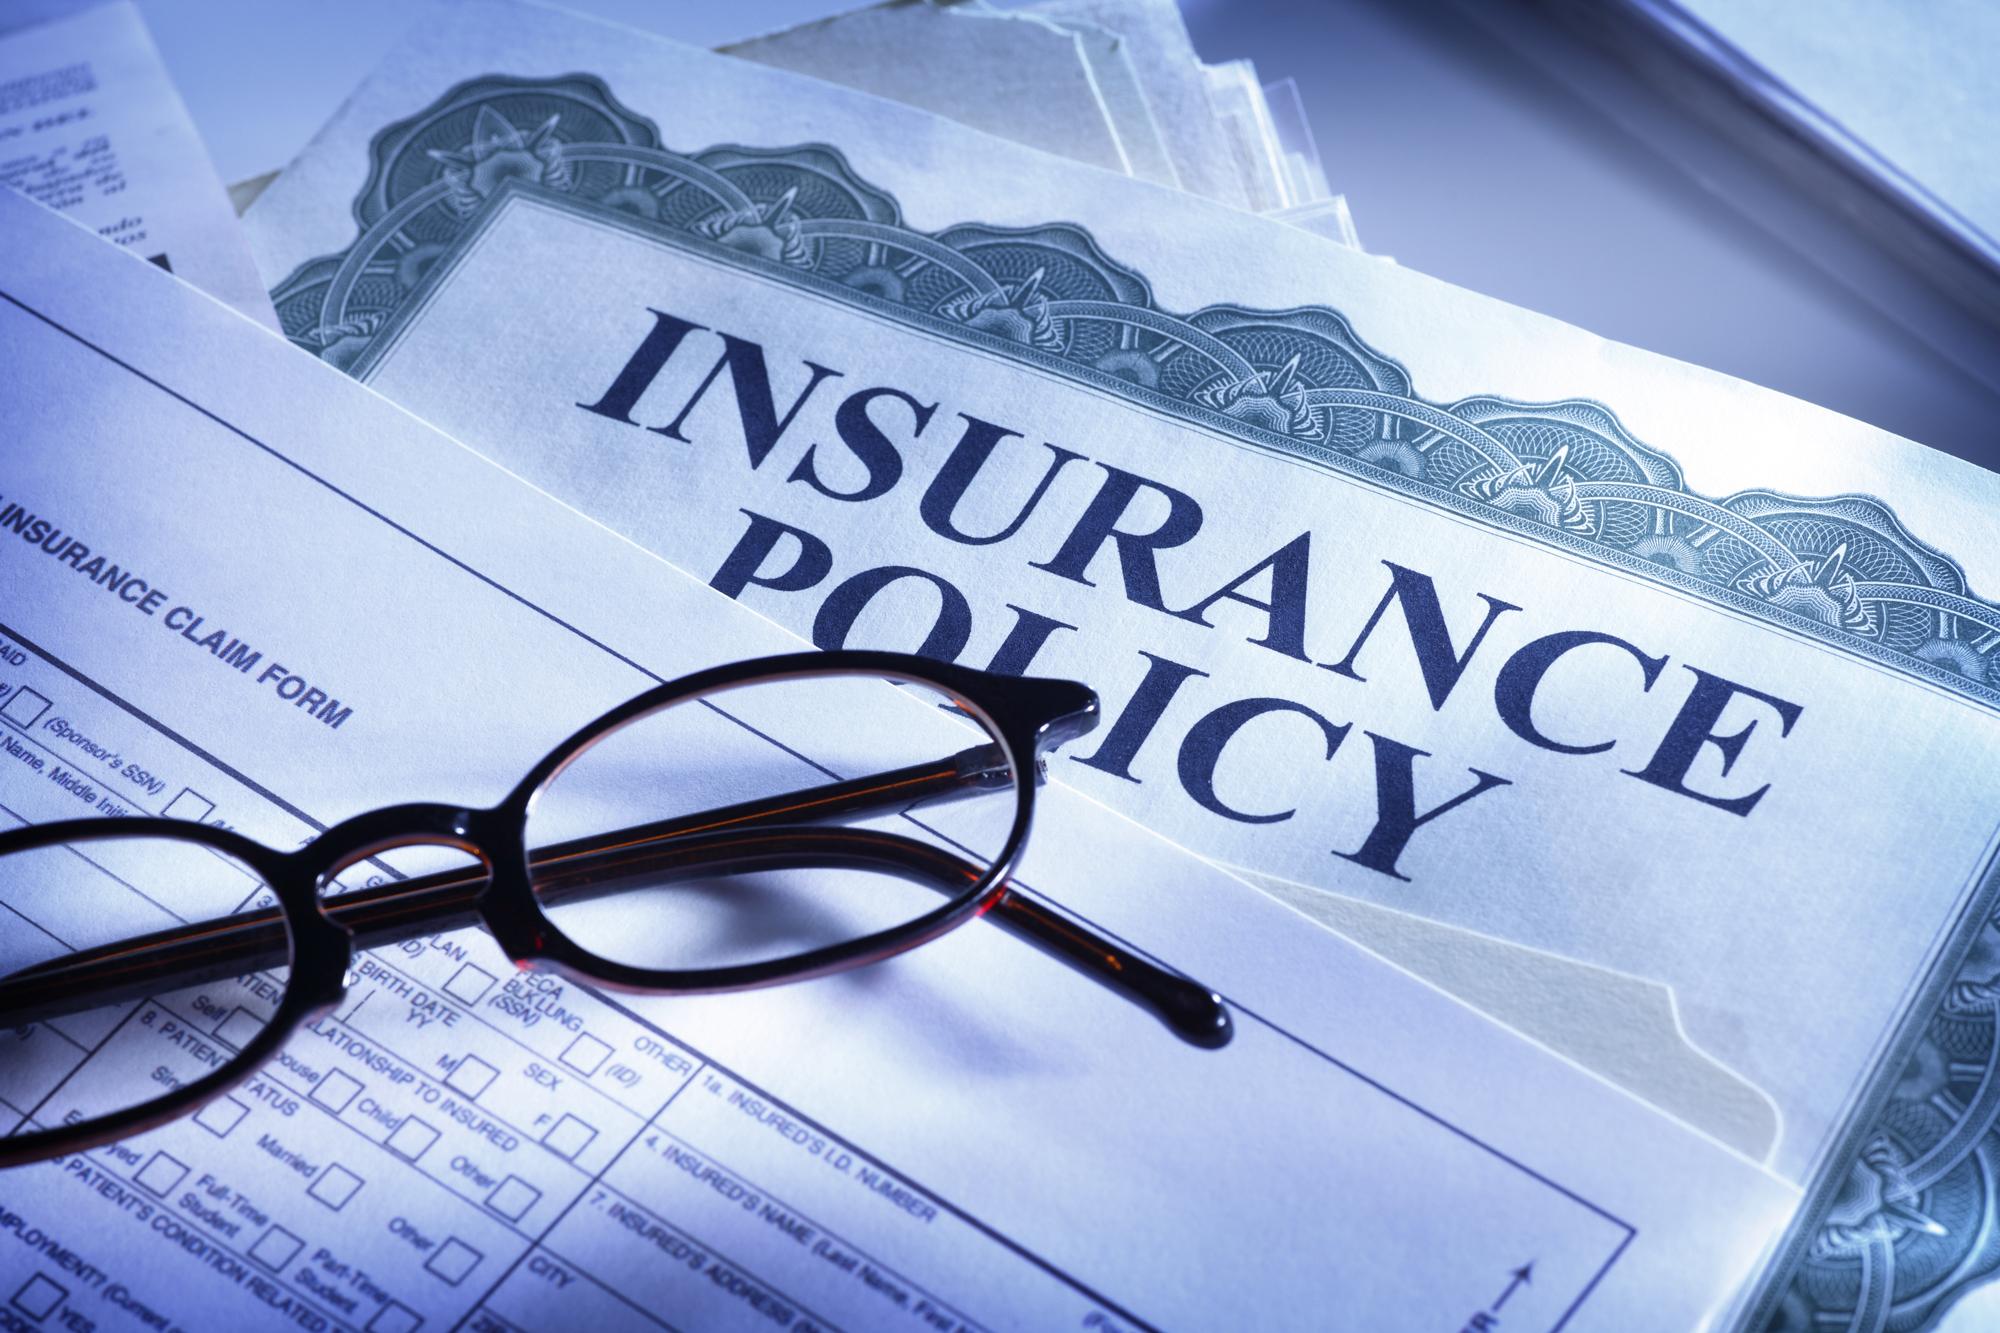 Tìm hiểu về các loại bảo hiểm bắt buộc hiện nay